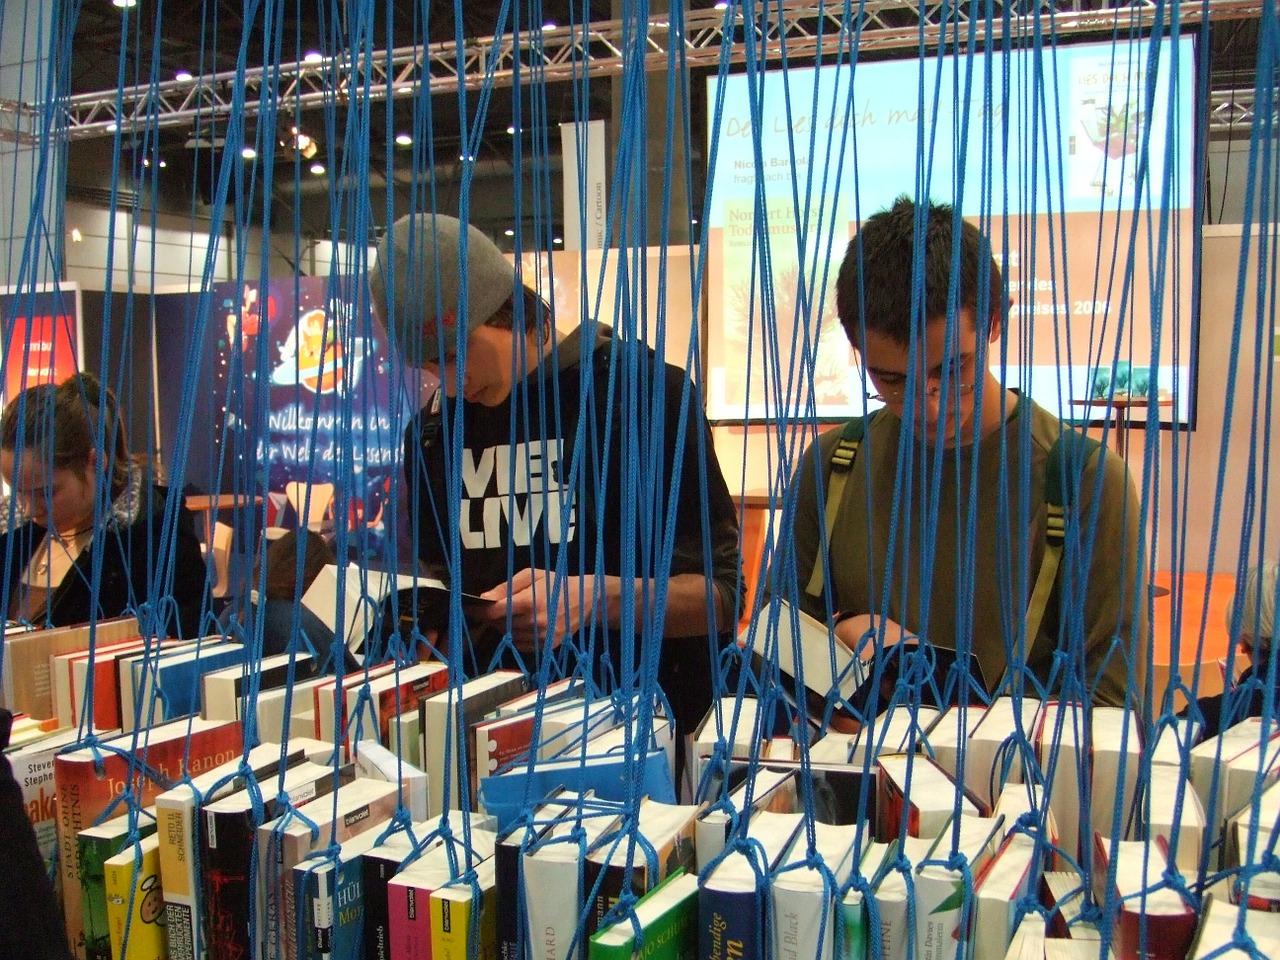 Sydney Rare Book Fair in Australia